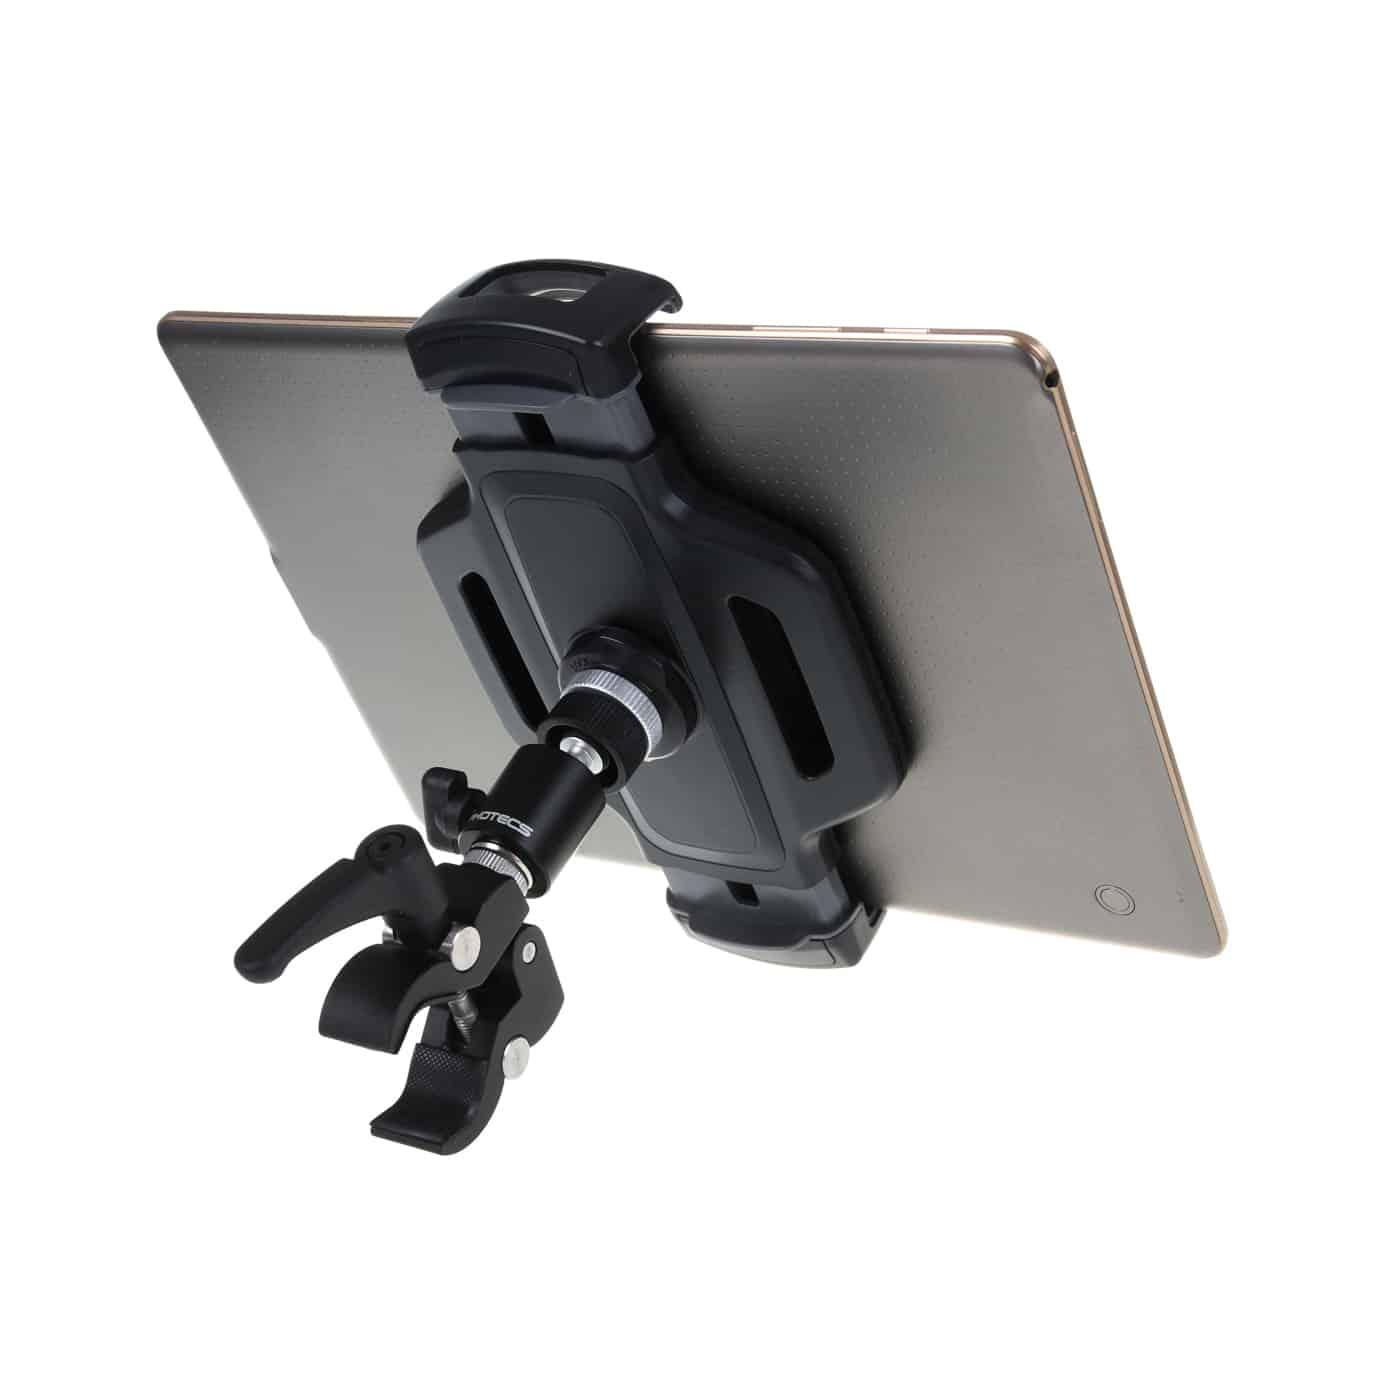 Universal Tablet-Halterung für iPad